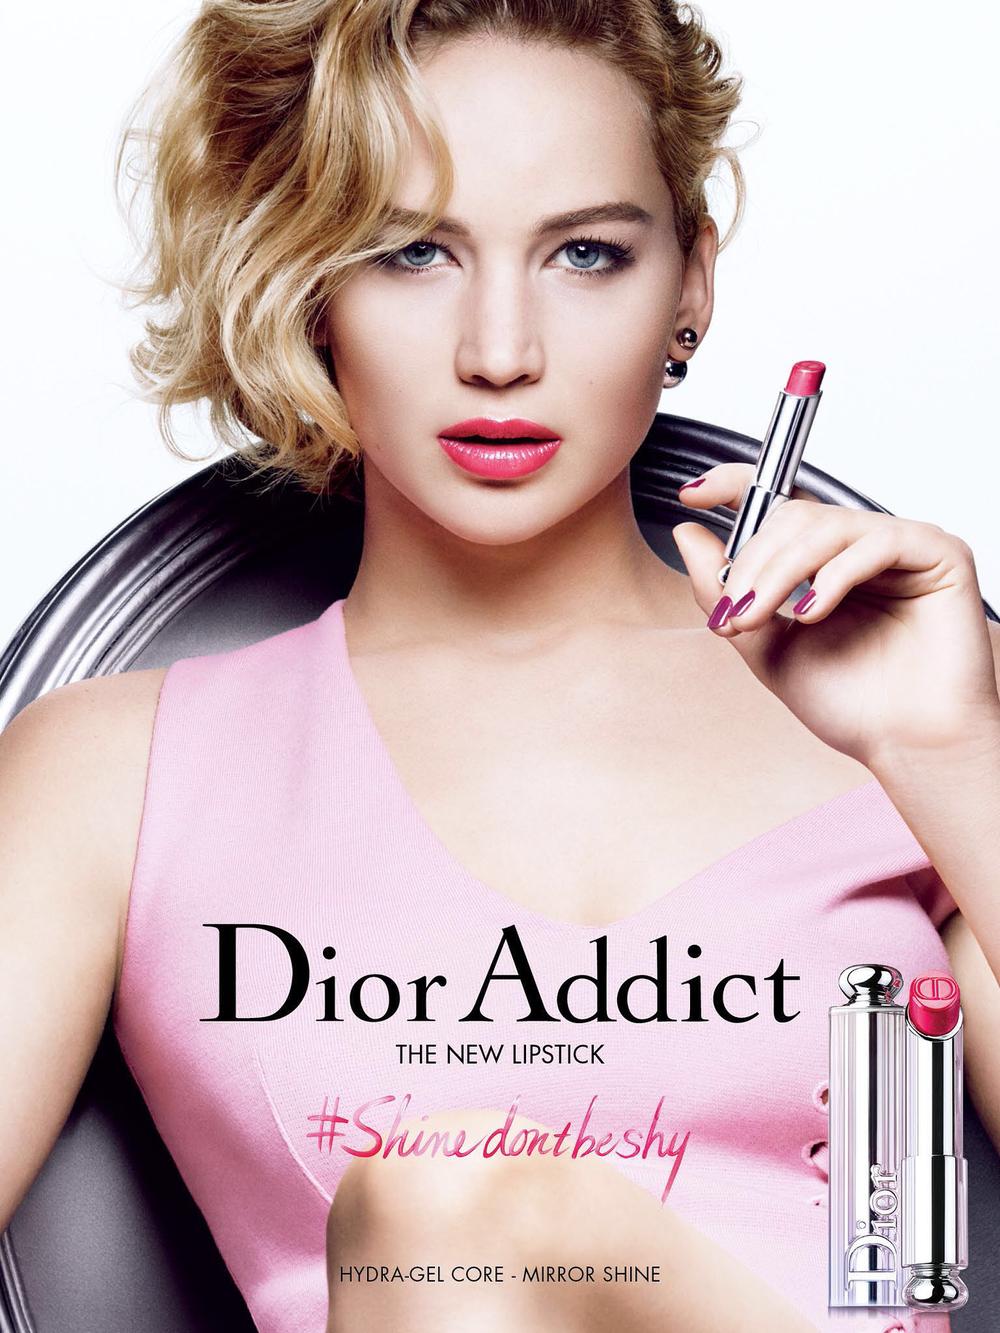 Dior Jennifer Lawrence (2).png